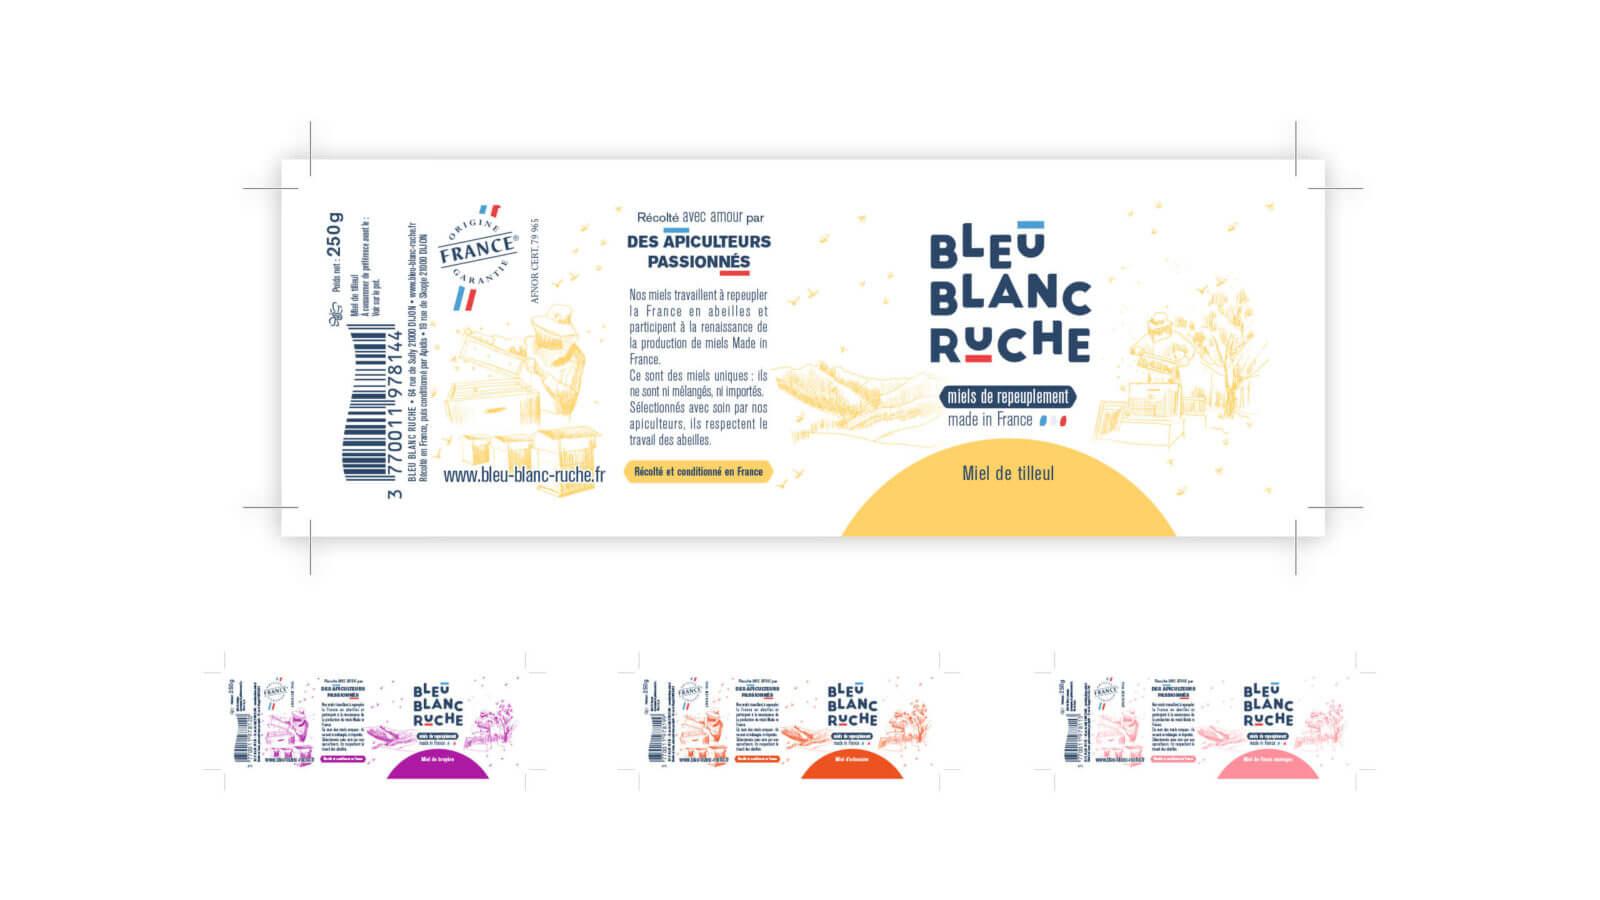 étiquette de packaging Bleu Blanc Ruche